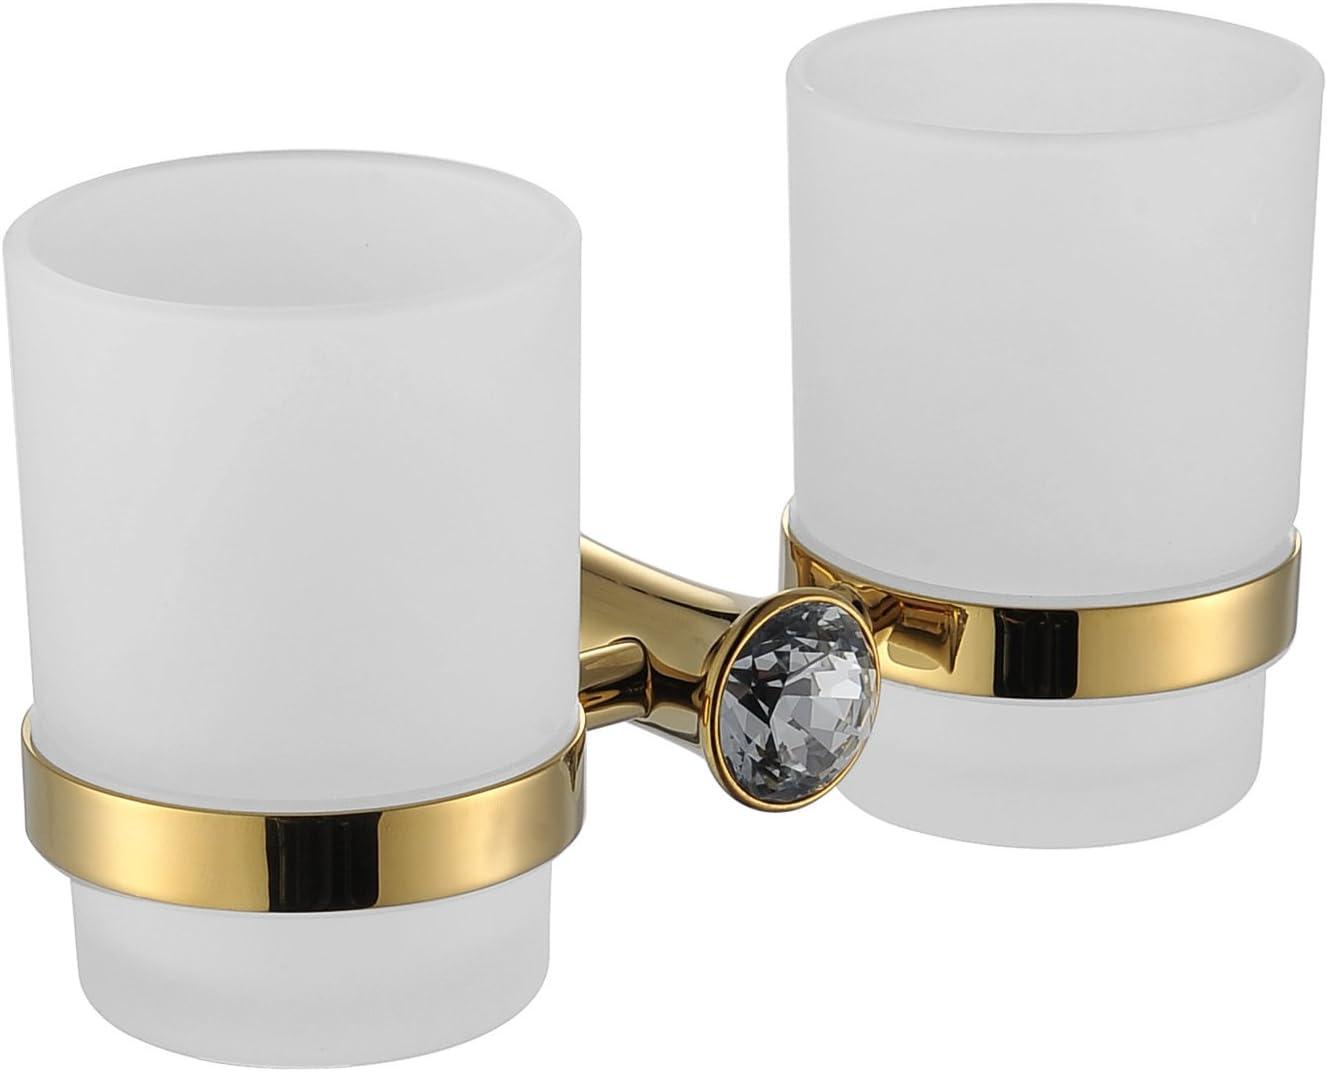 Dew diamantes y oro baño inodoro doble soporte para vasos tumbler ...